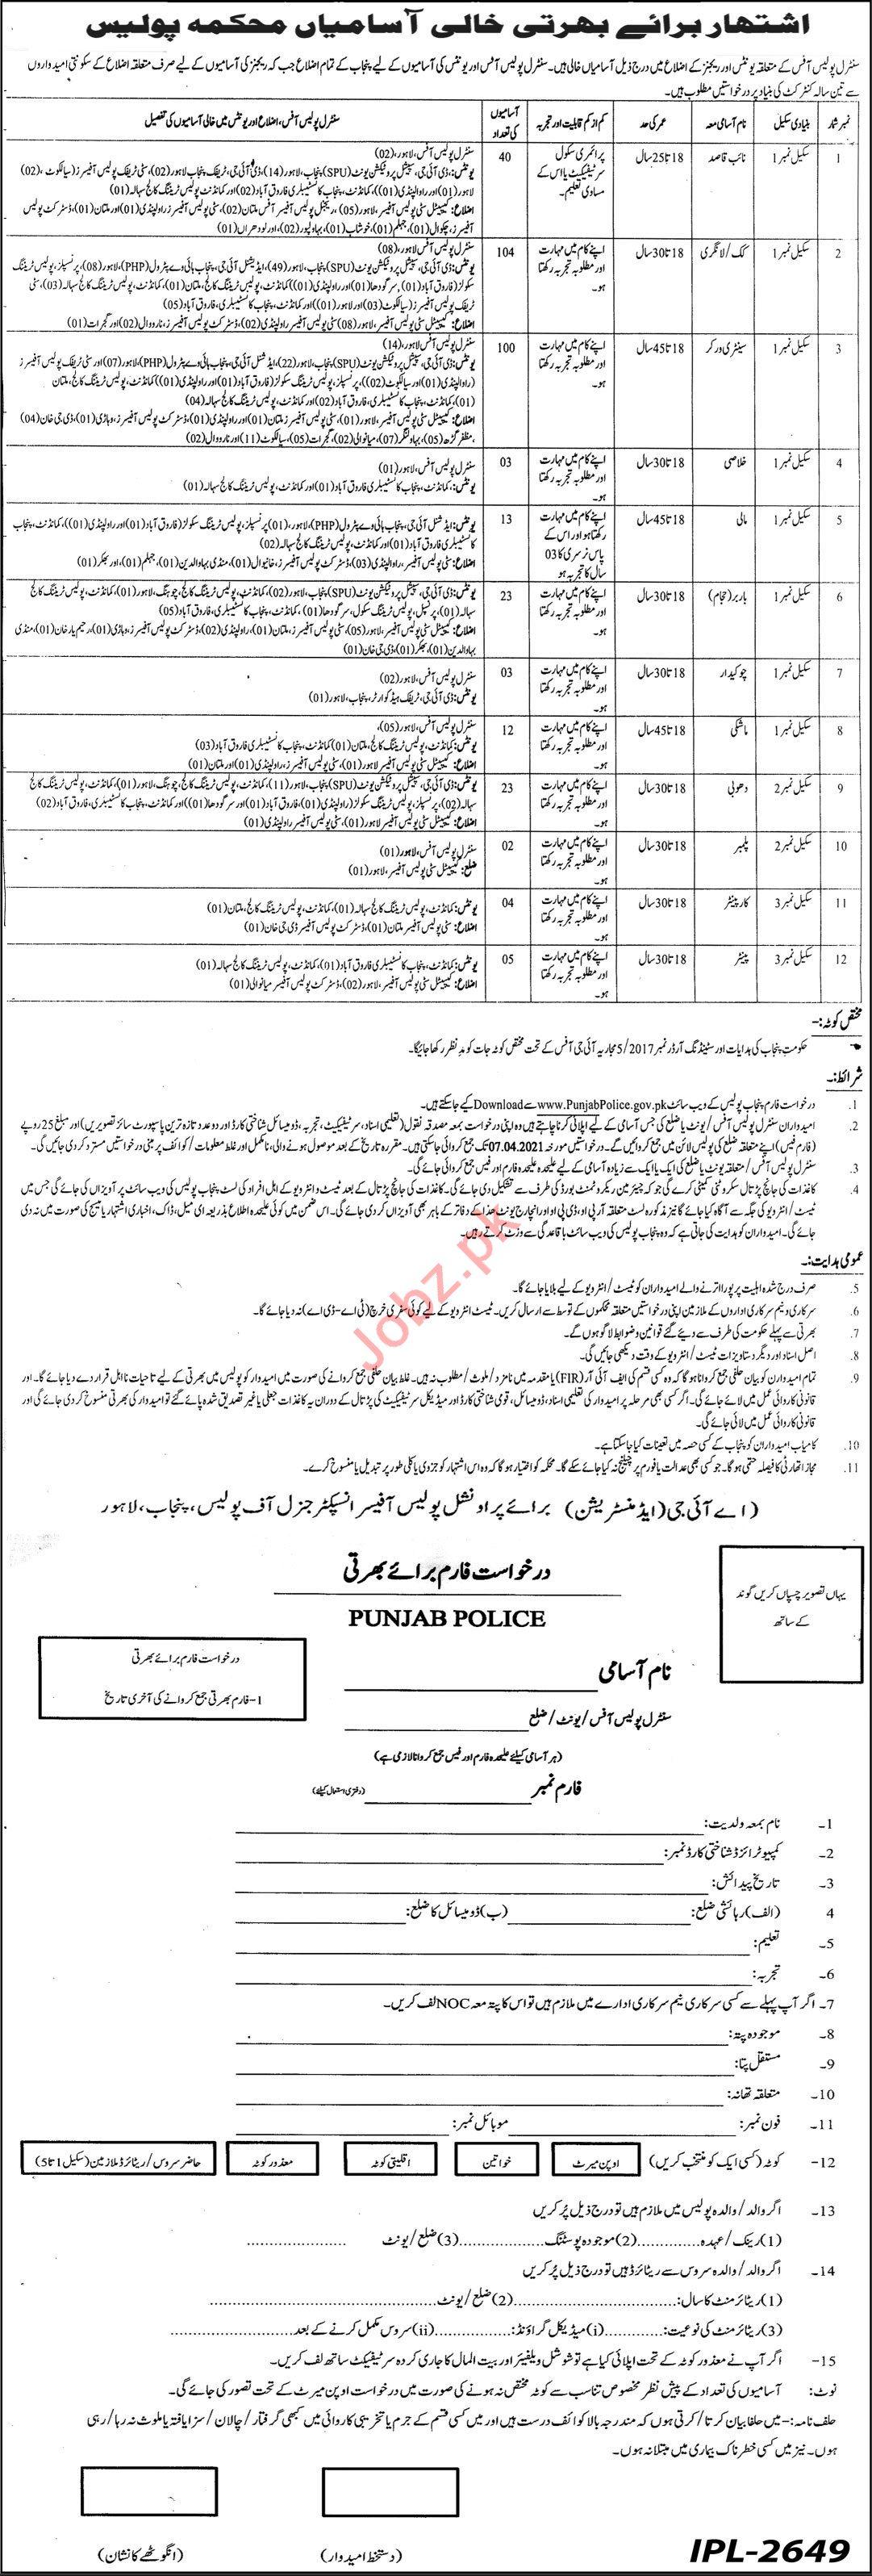 Punjab Police Jobs 2021 for Naib Qasid & Barber